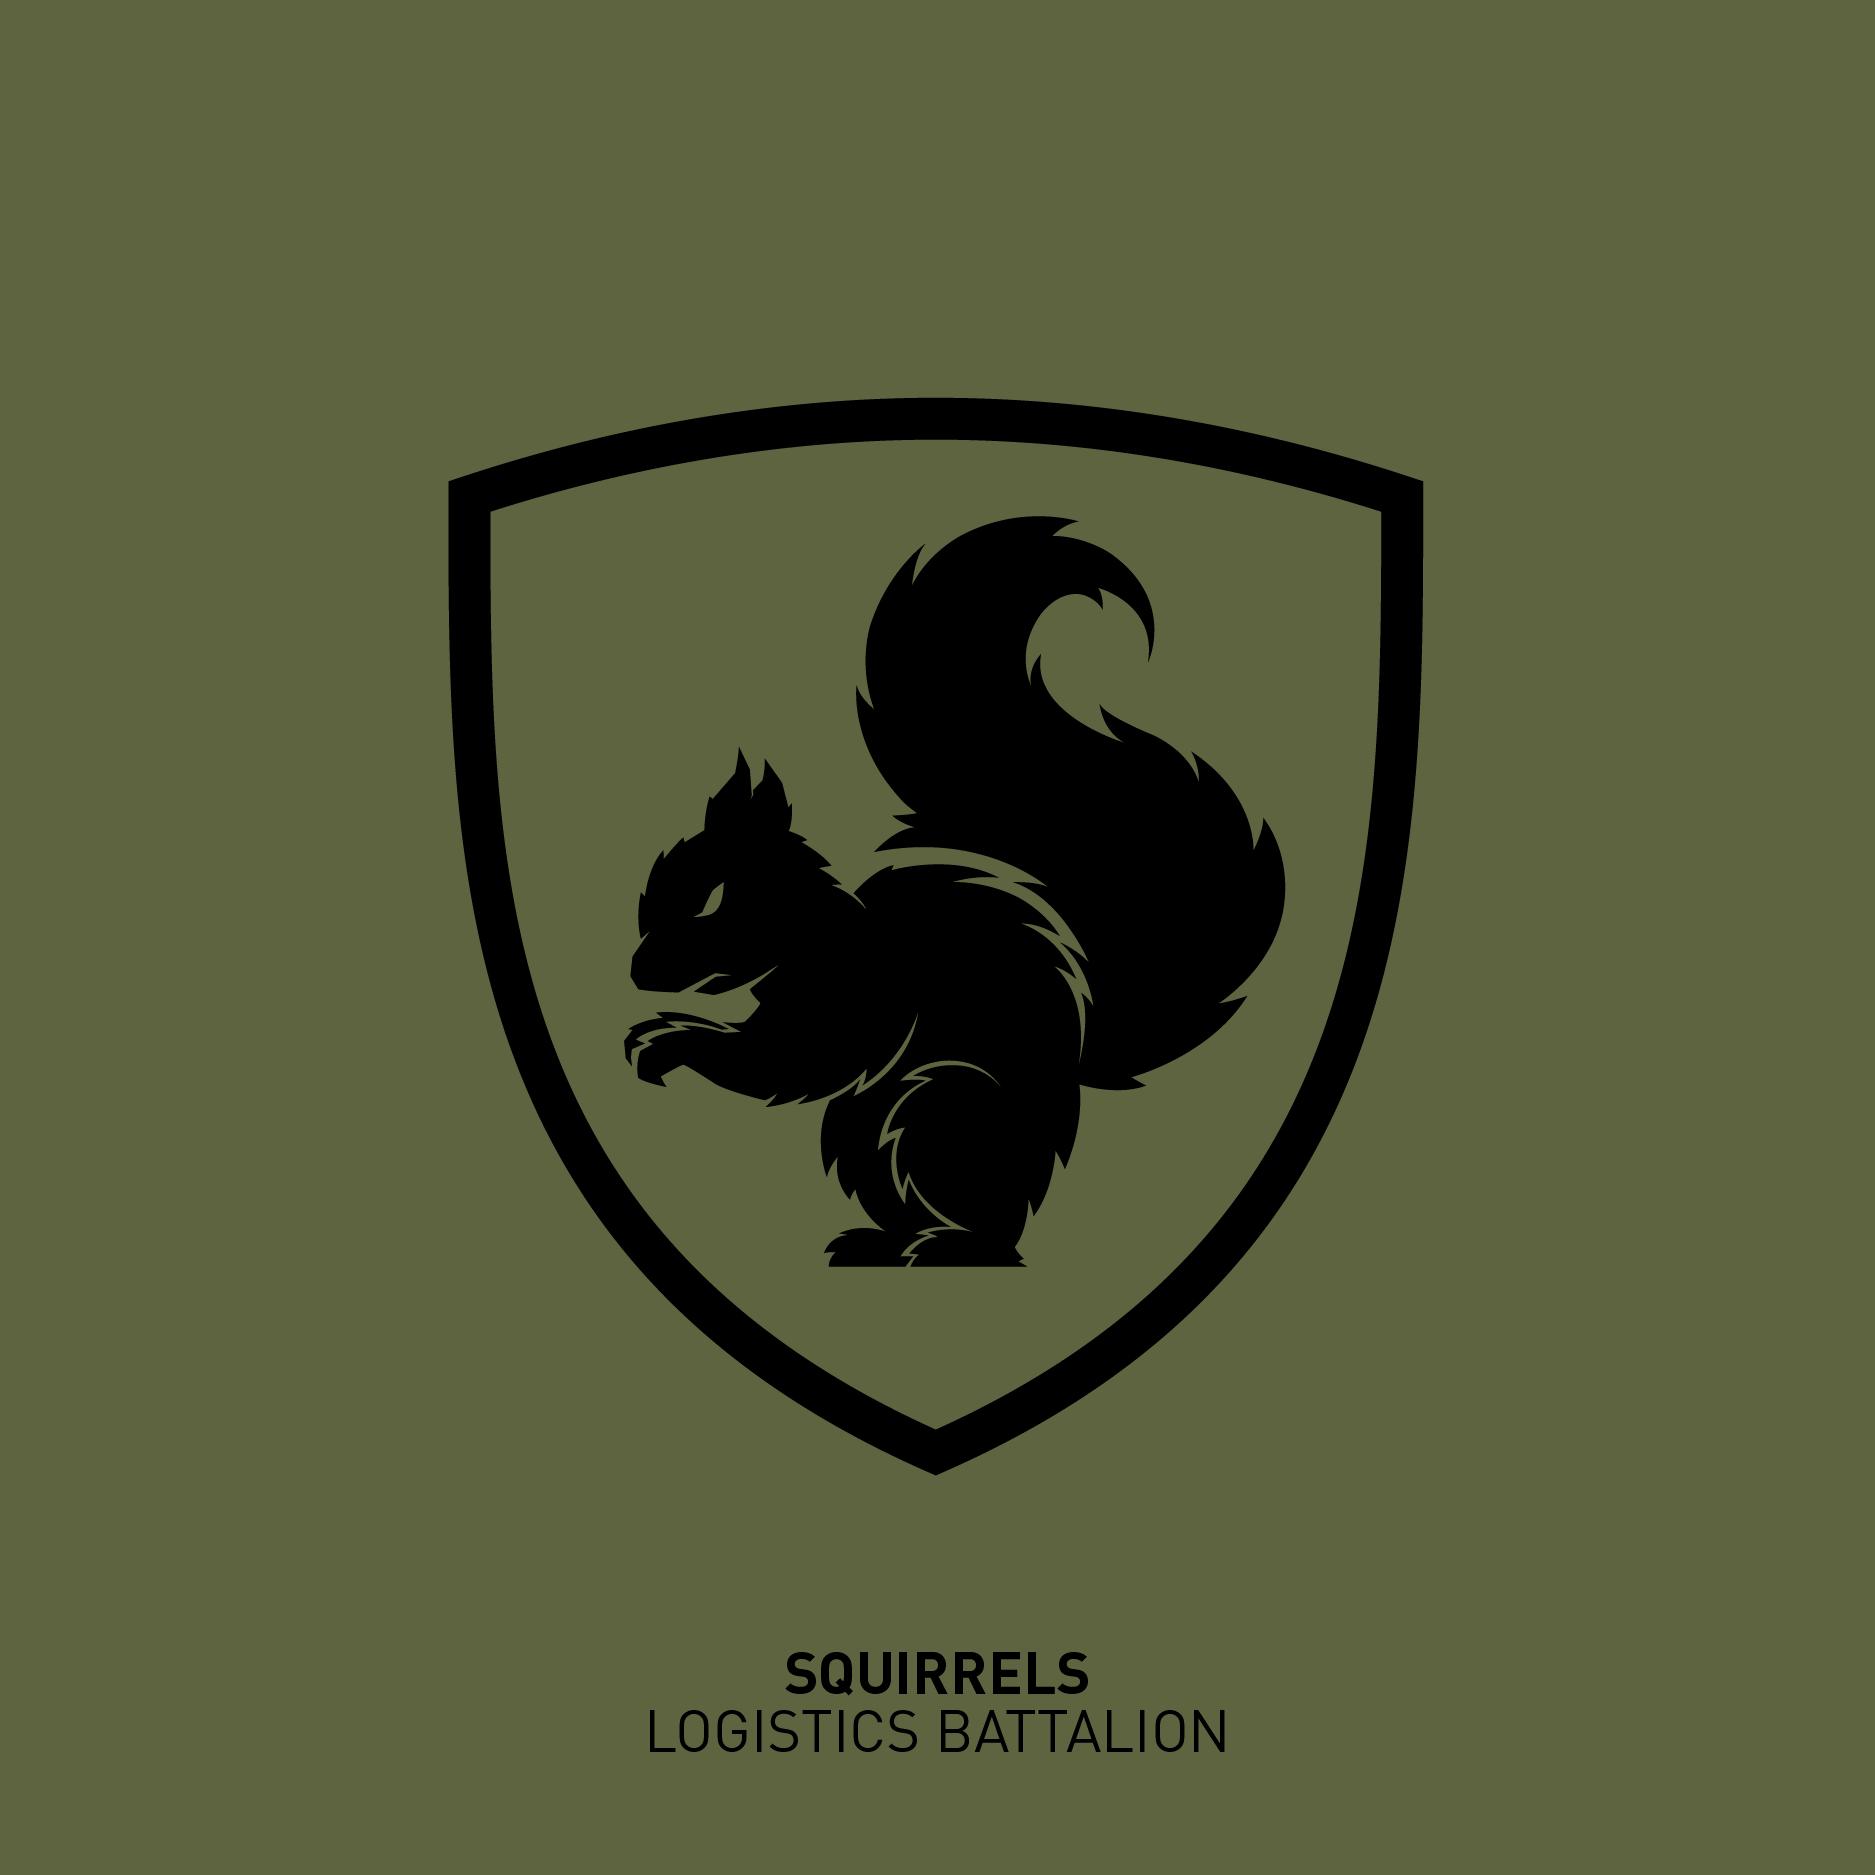 08squirrels-01